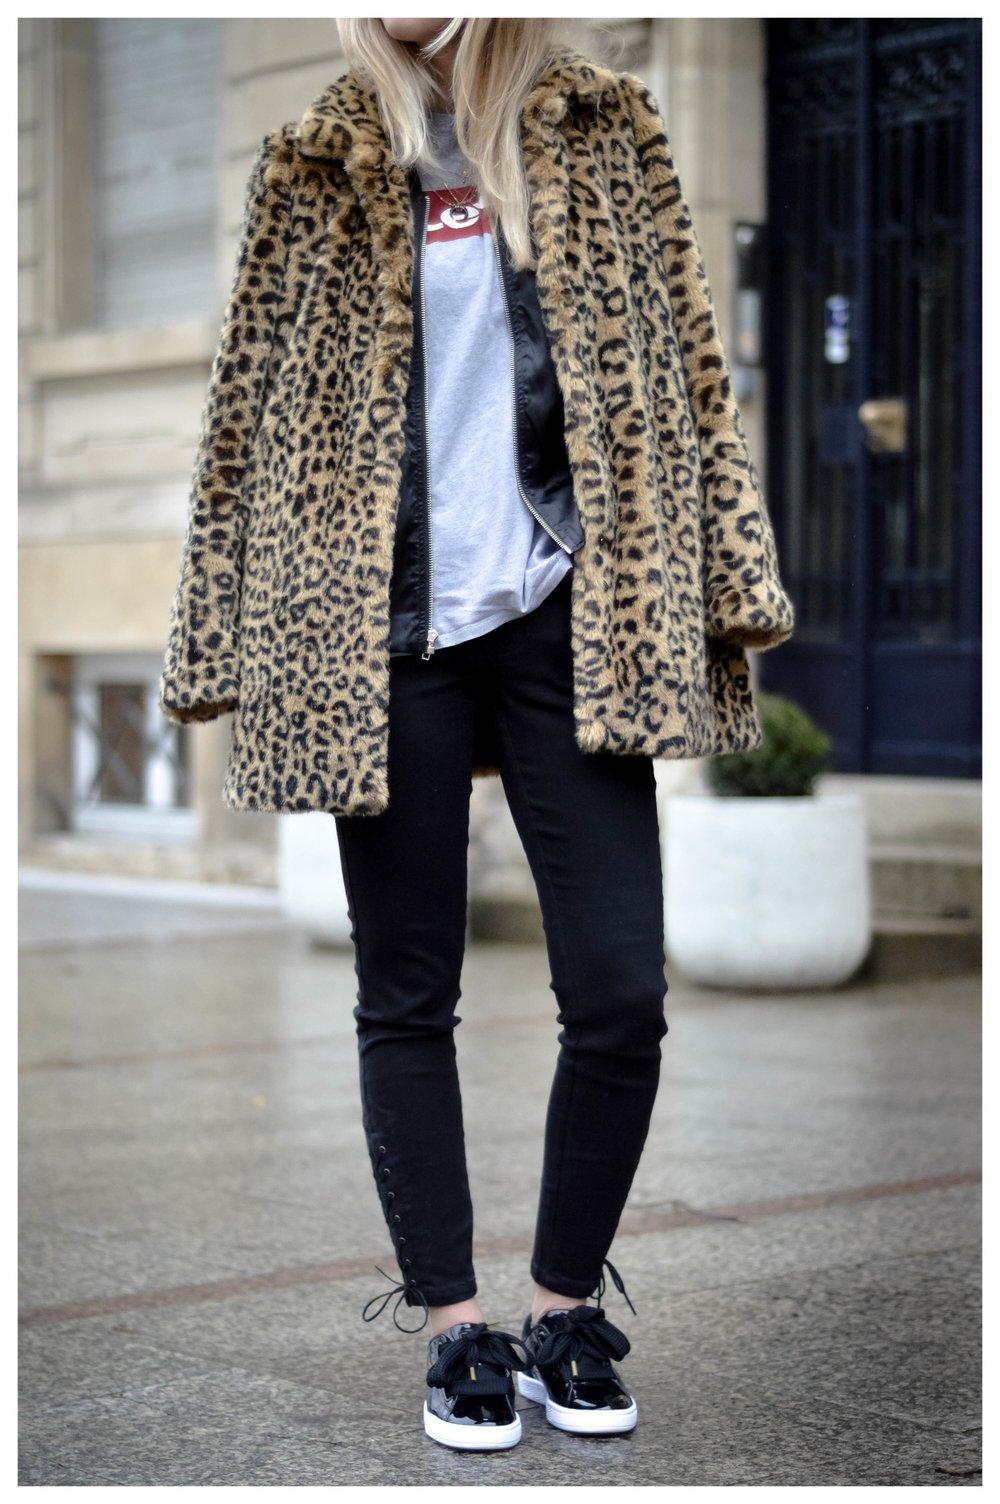 Leopard Jacket Lux - OSIARAH.COM (36 sur 38).jpg